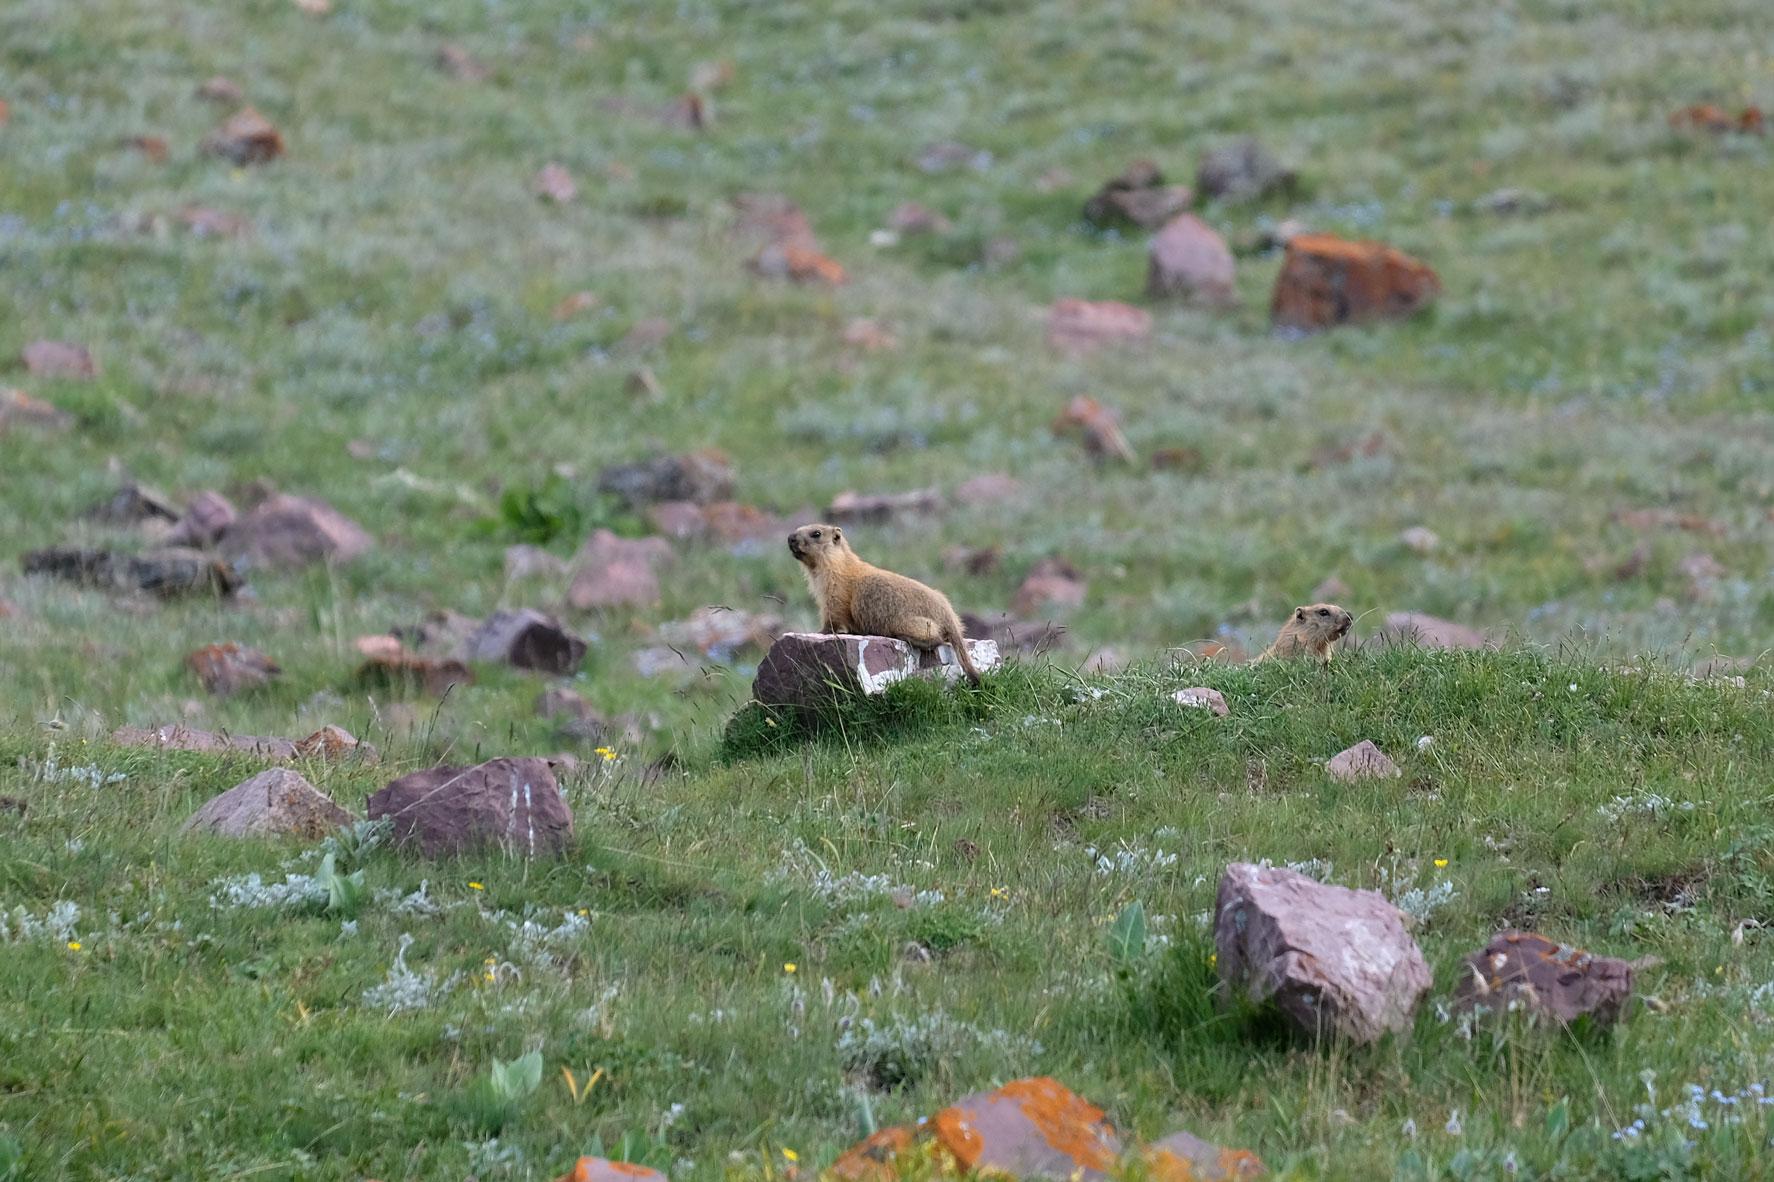 Ein Ziesel sitzt auf einem Stein.